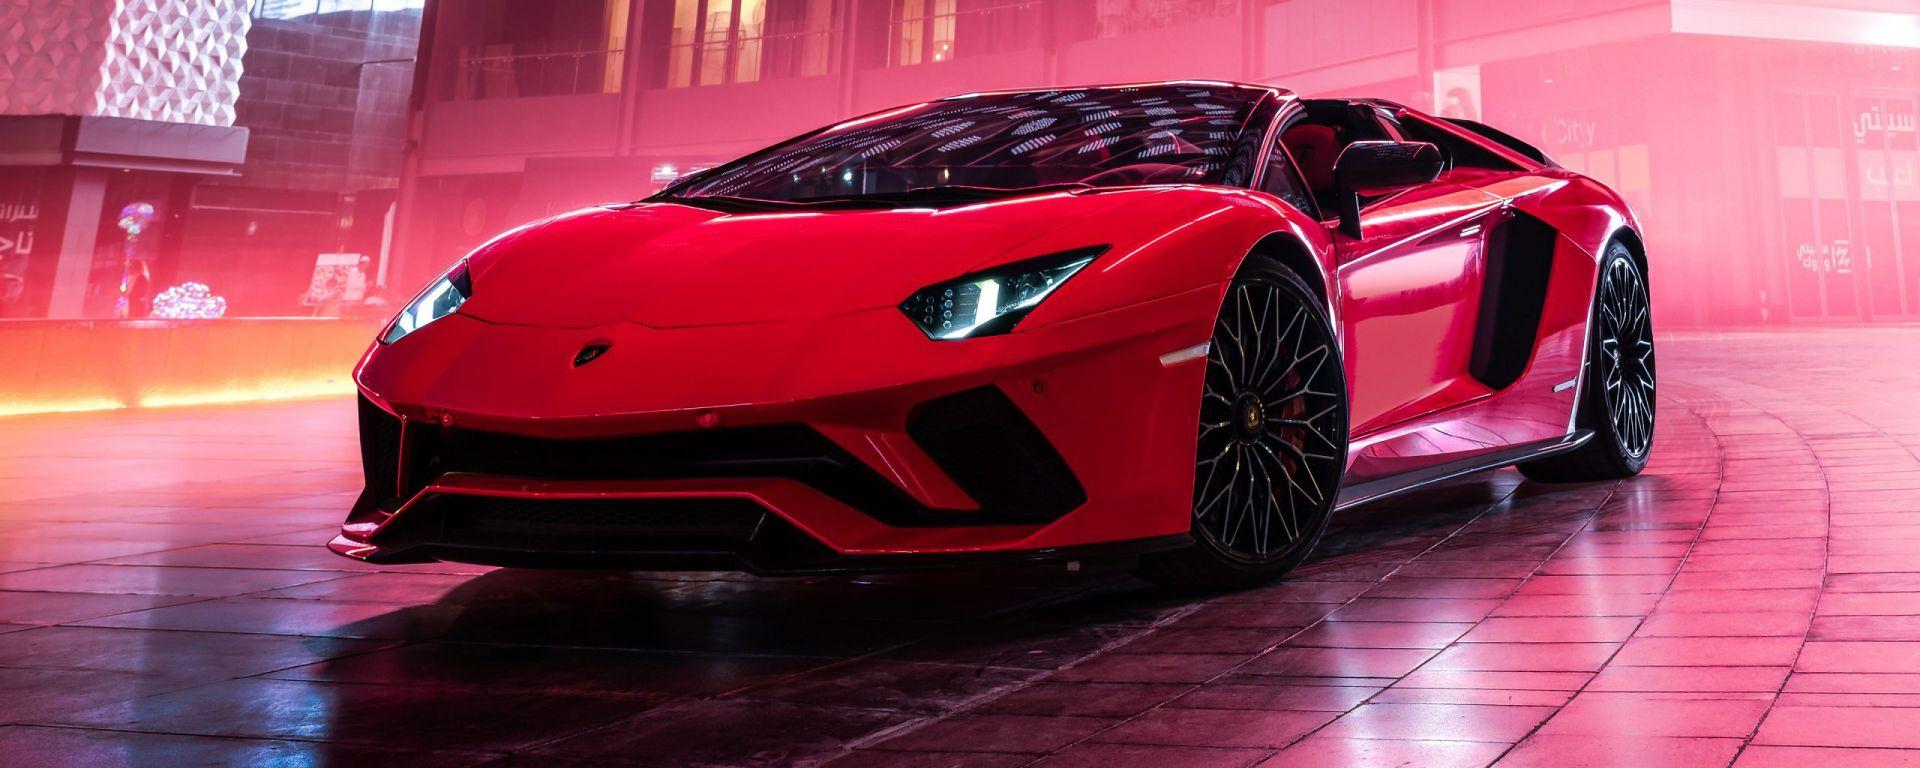 Lamborghini Aventador: in arrivo l'erede con V12 ibrido?